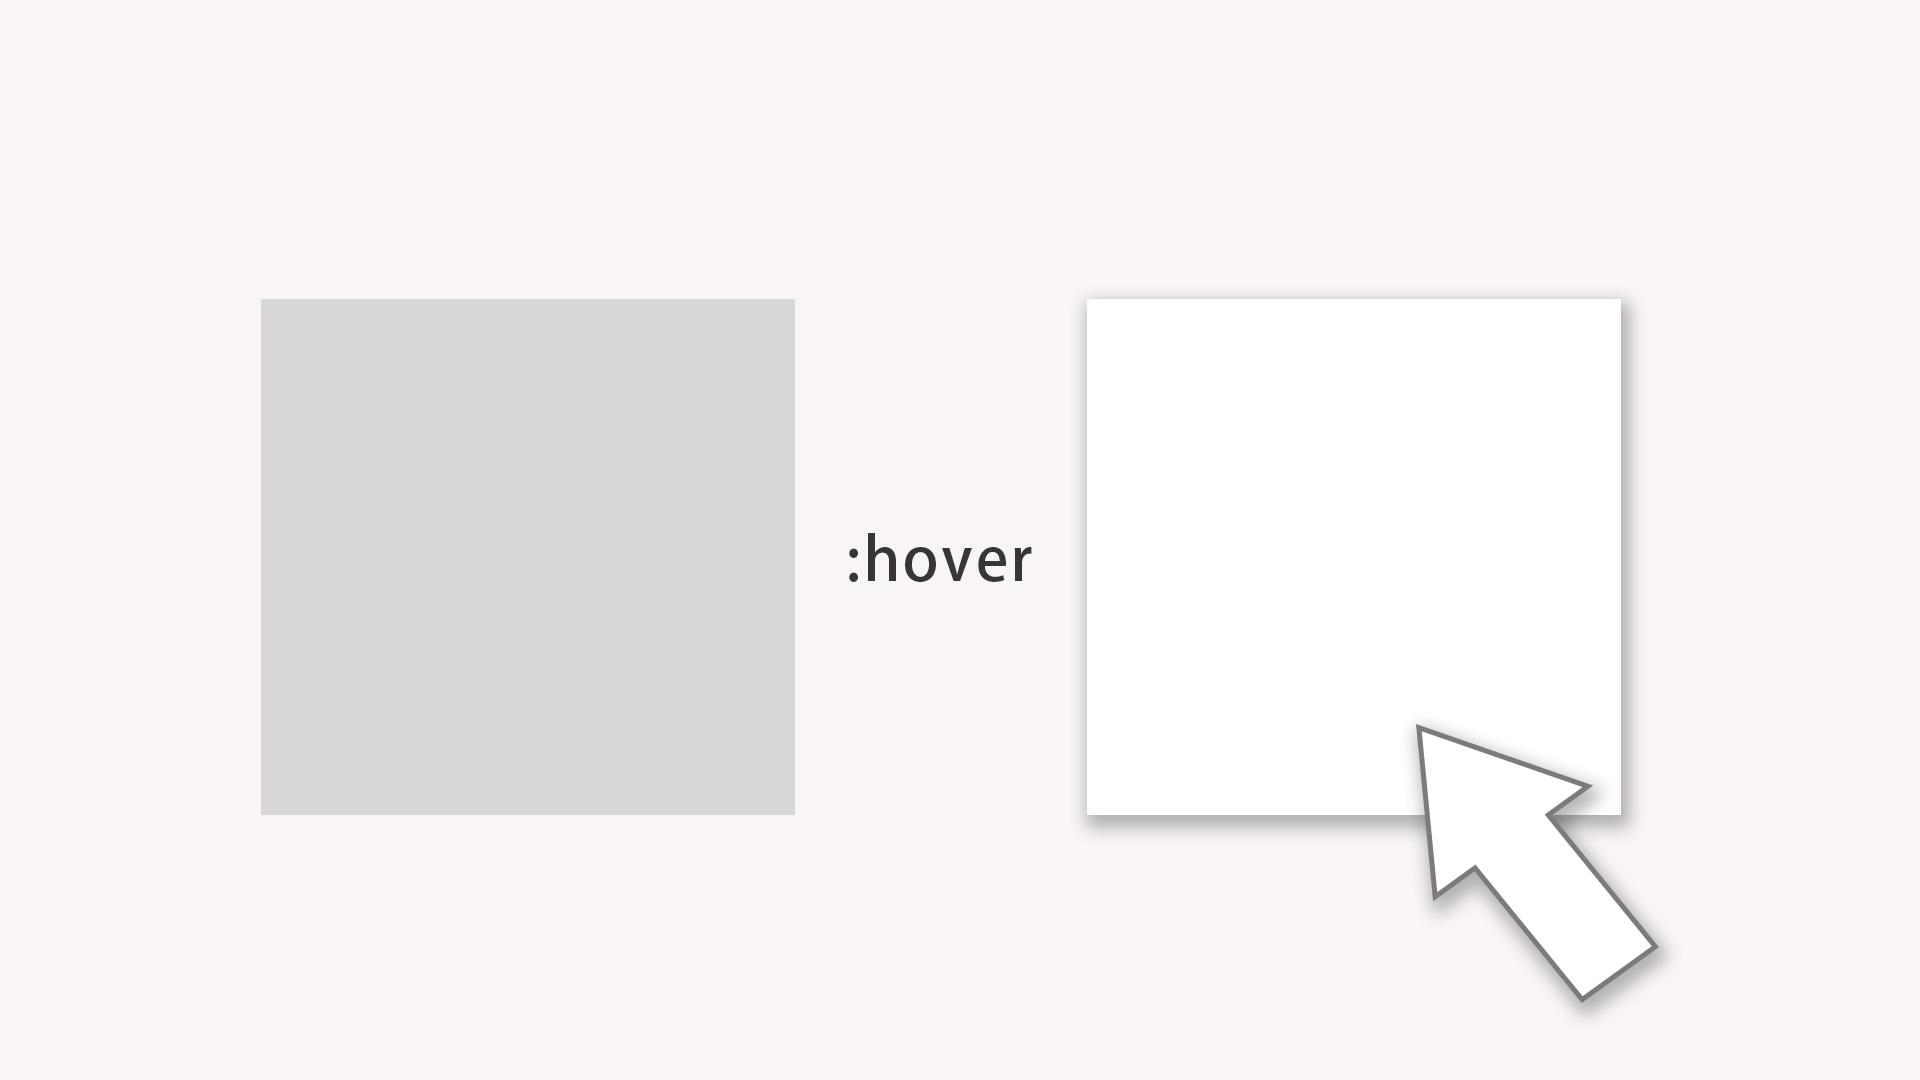 CSSのhoverで子要素・擬似要素を操作するテクニック